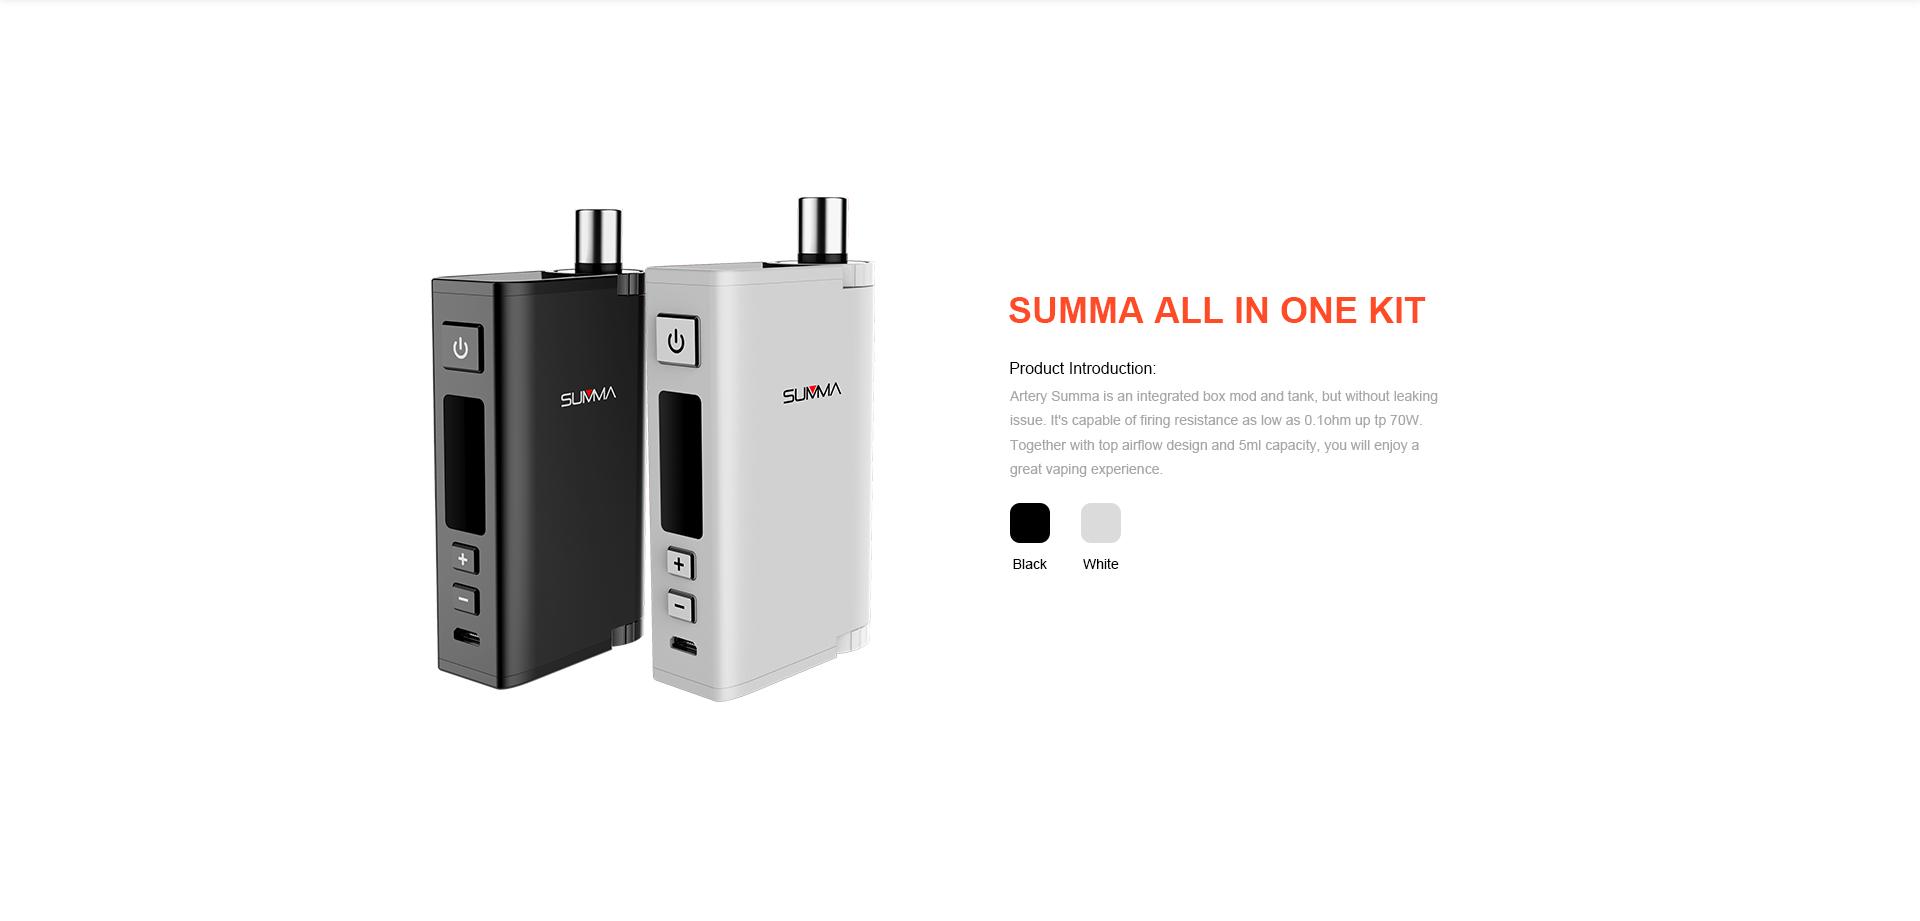 summa-kit_02